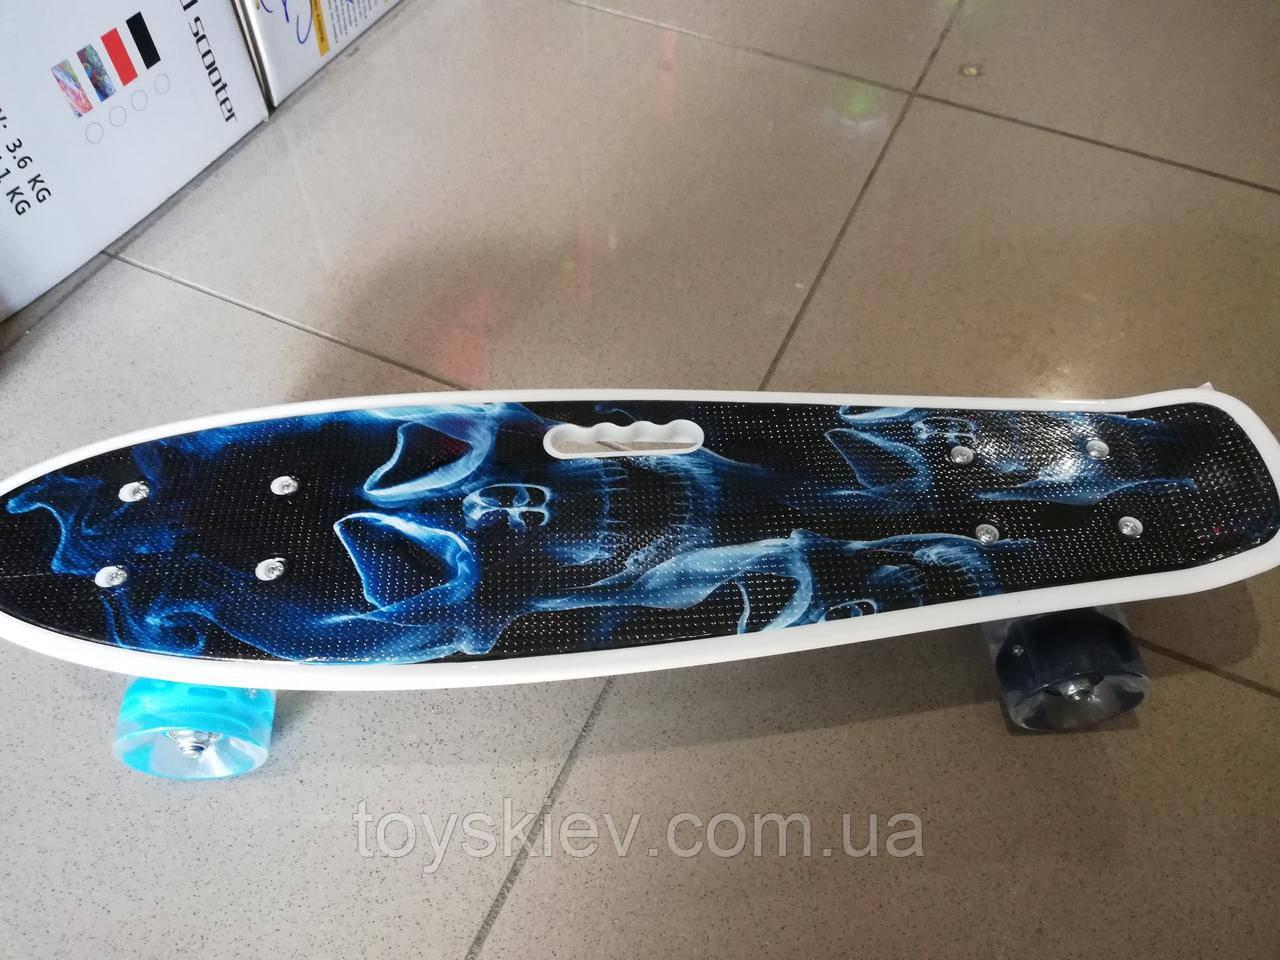 Скейт Пенни борд (Penny board) пениборд с рисунком, ручкой светящиеся колёса 32035-13